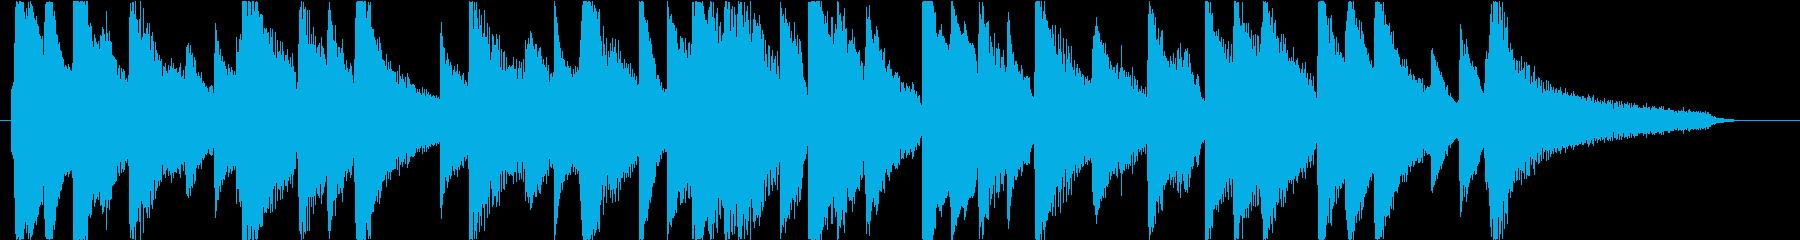 ピアノの安らげる楽曲。CM用30秒尺ですの再生済みの波形